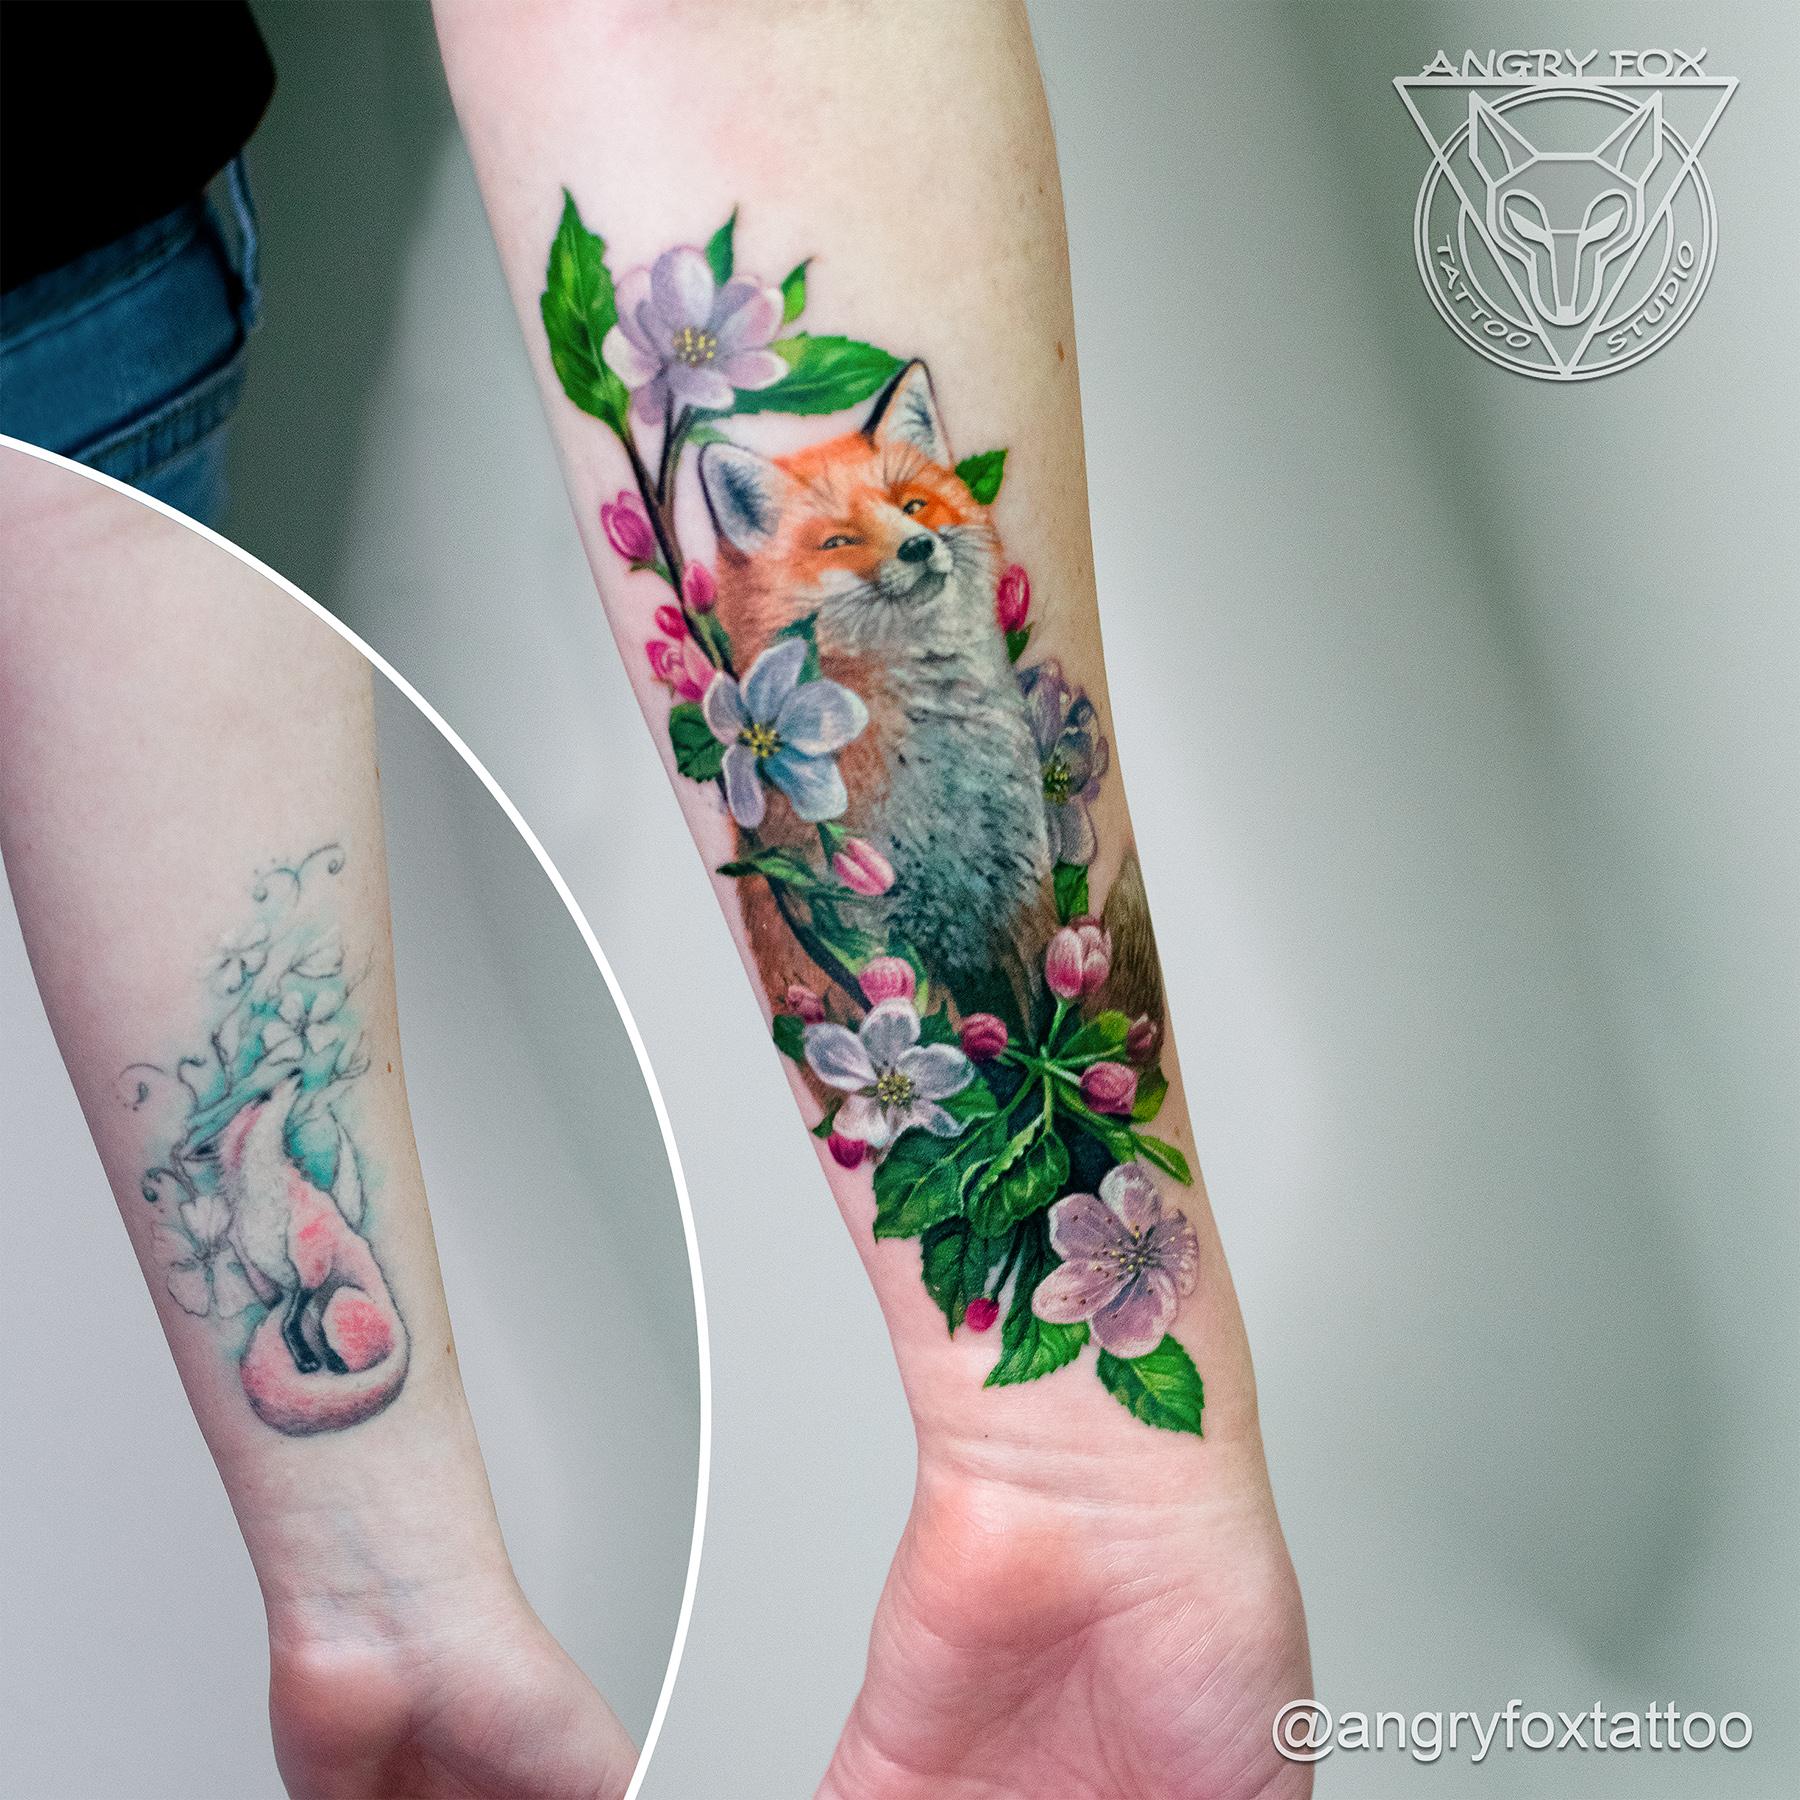 тату, татуировка, рука, предплечье, перекрытие, лиса, яблоня, цветы, лисичка, ветка, цветная, довольная, фото, запястье, хищник, после, реализм, реалистичная